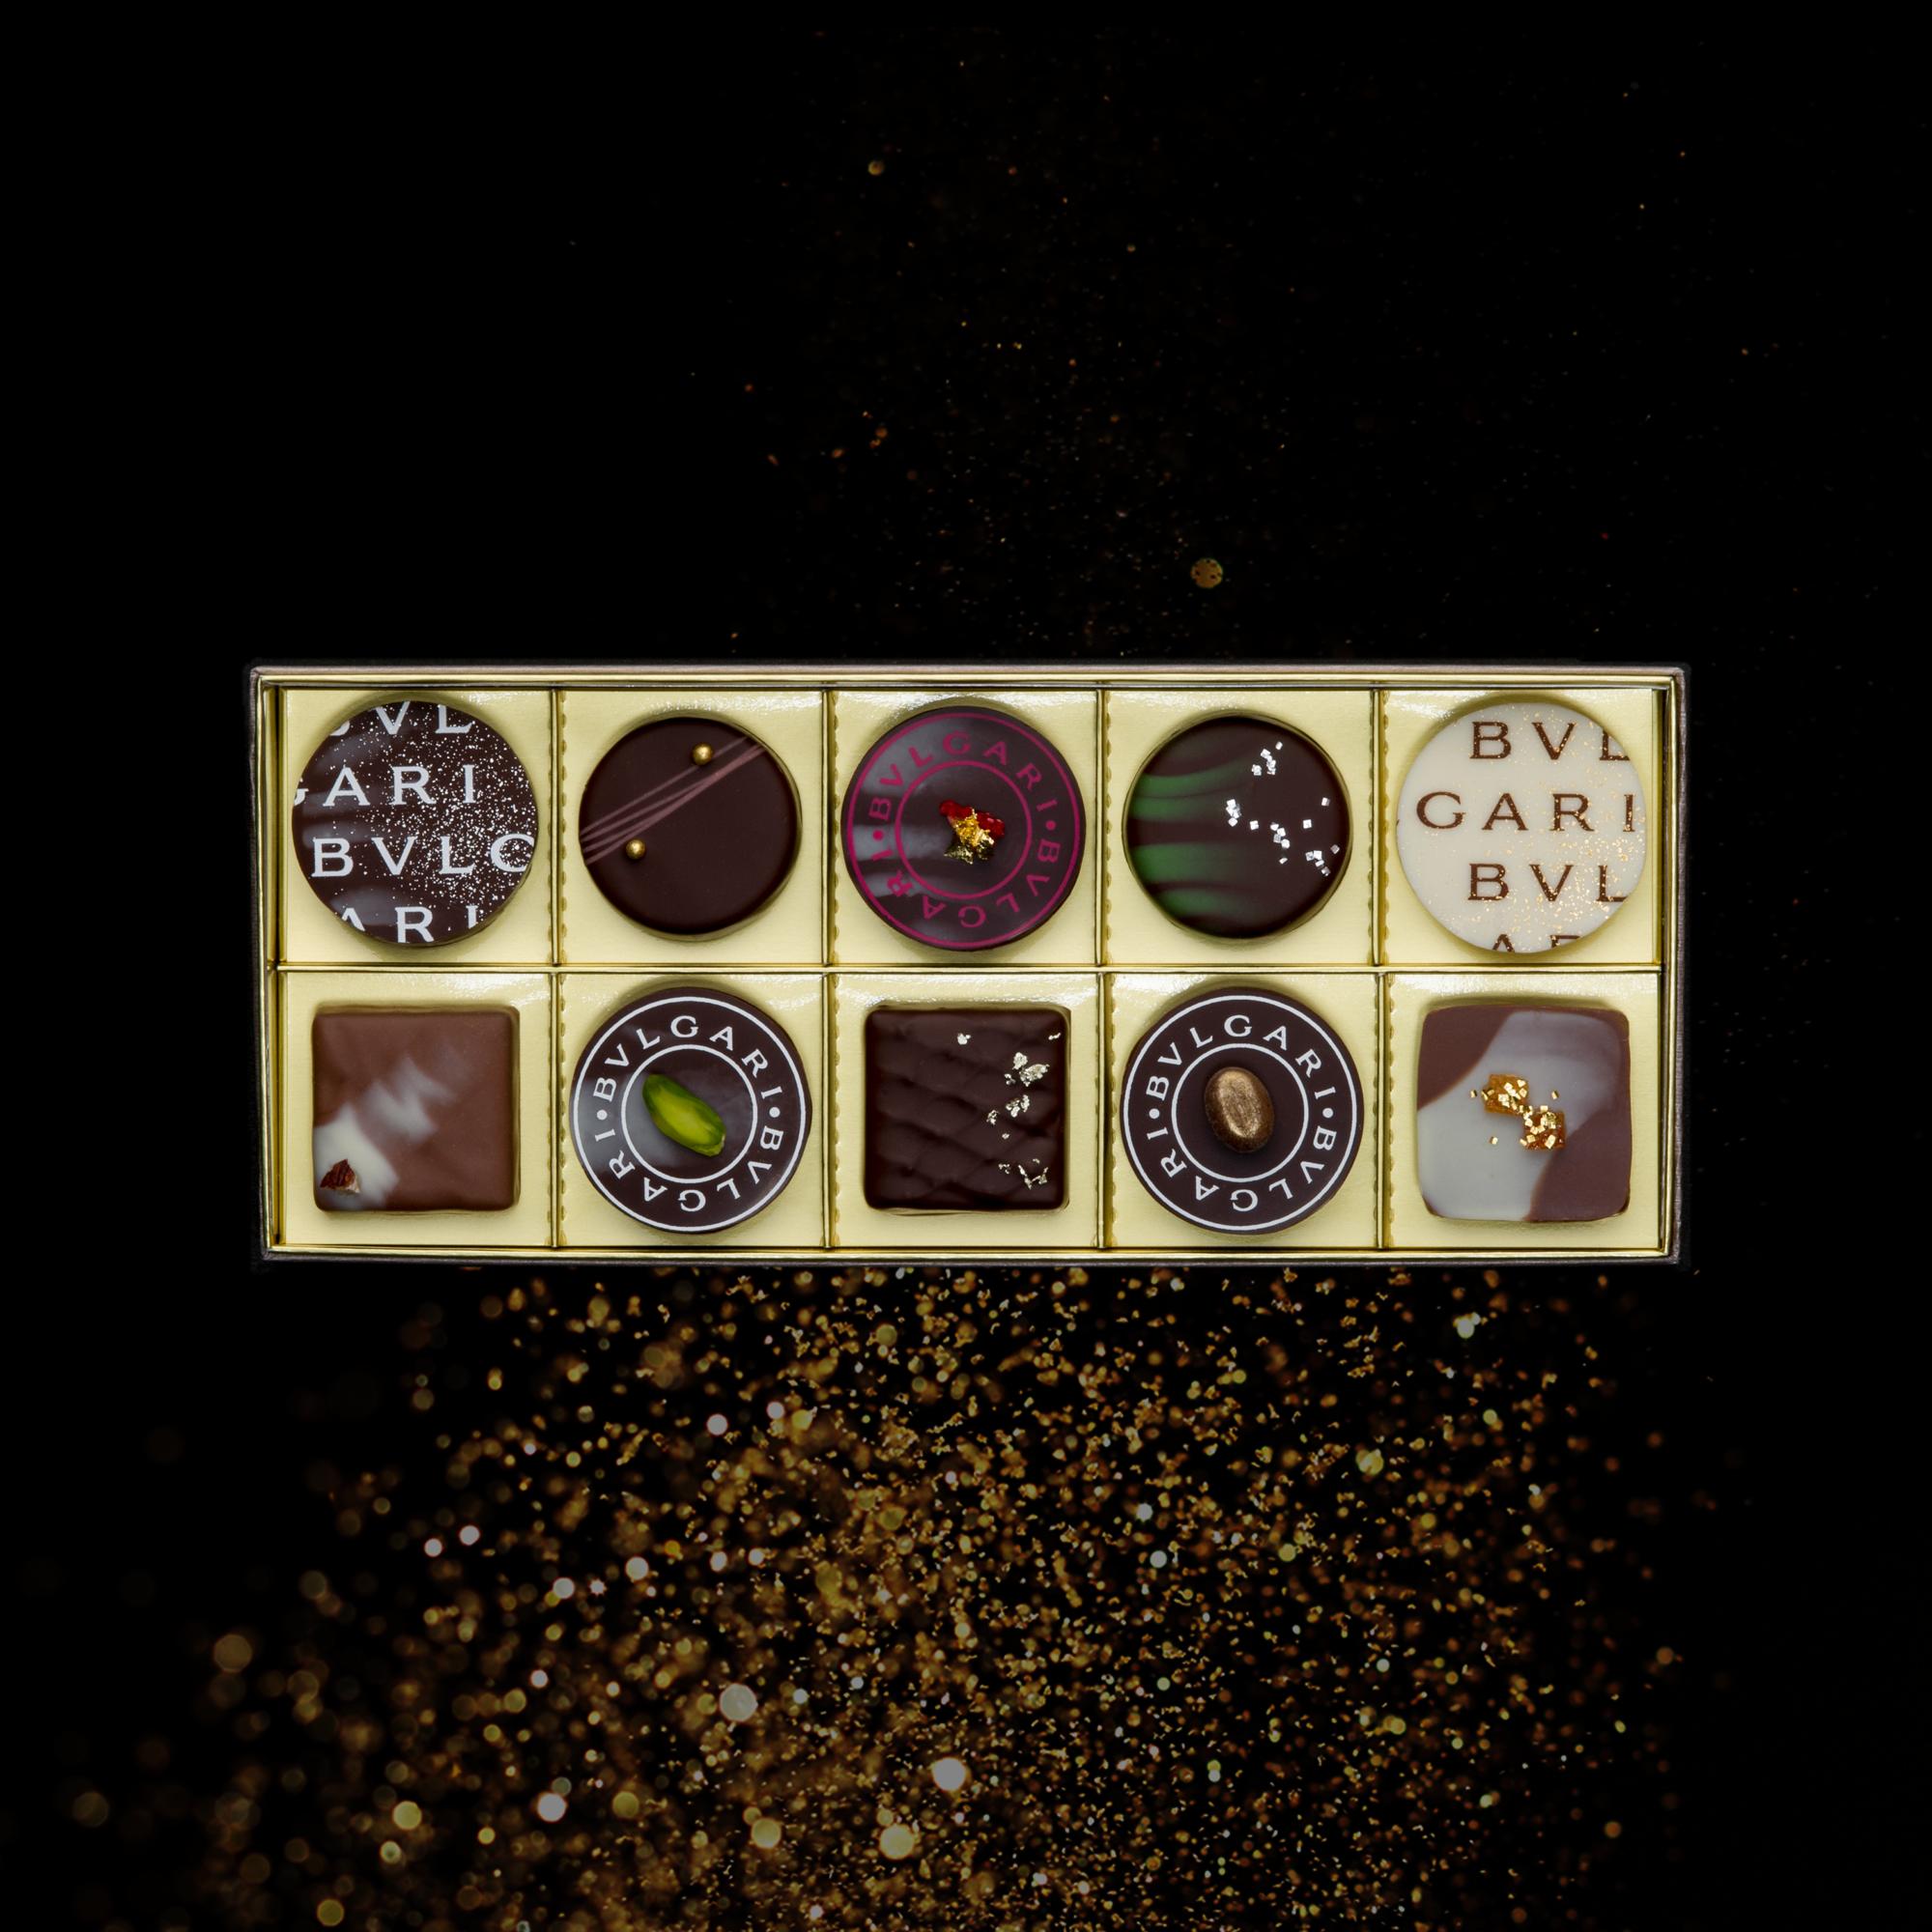 繊細!贅沢!BVLGARI チョコレート・ジェムズ 10個入